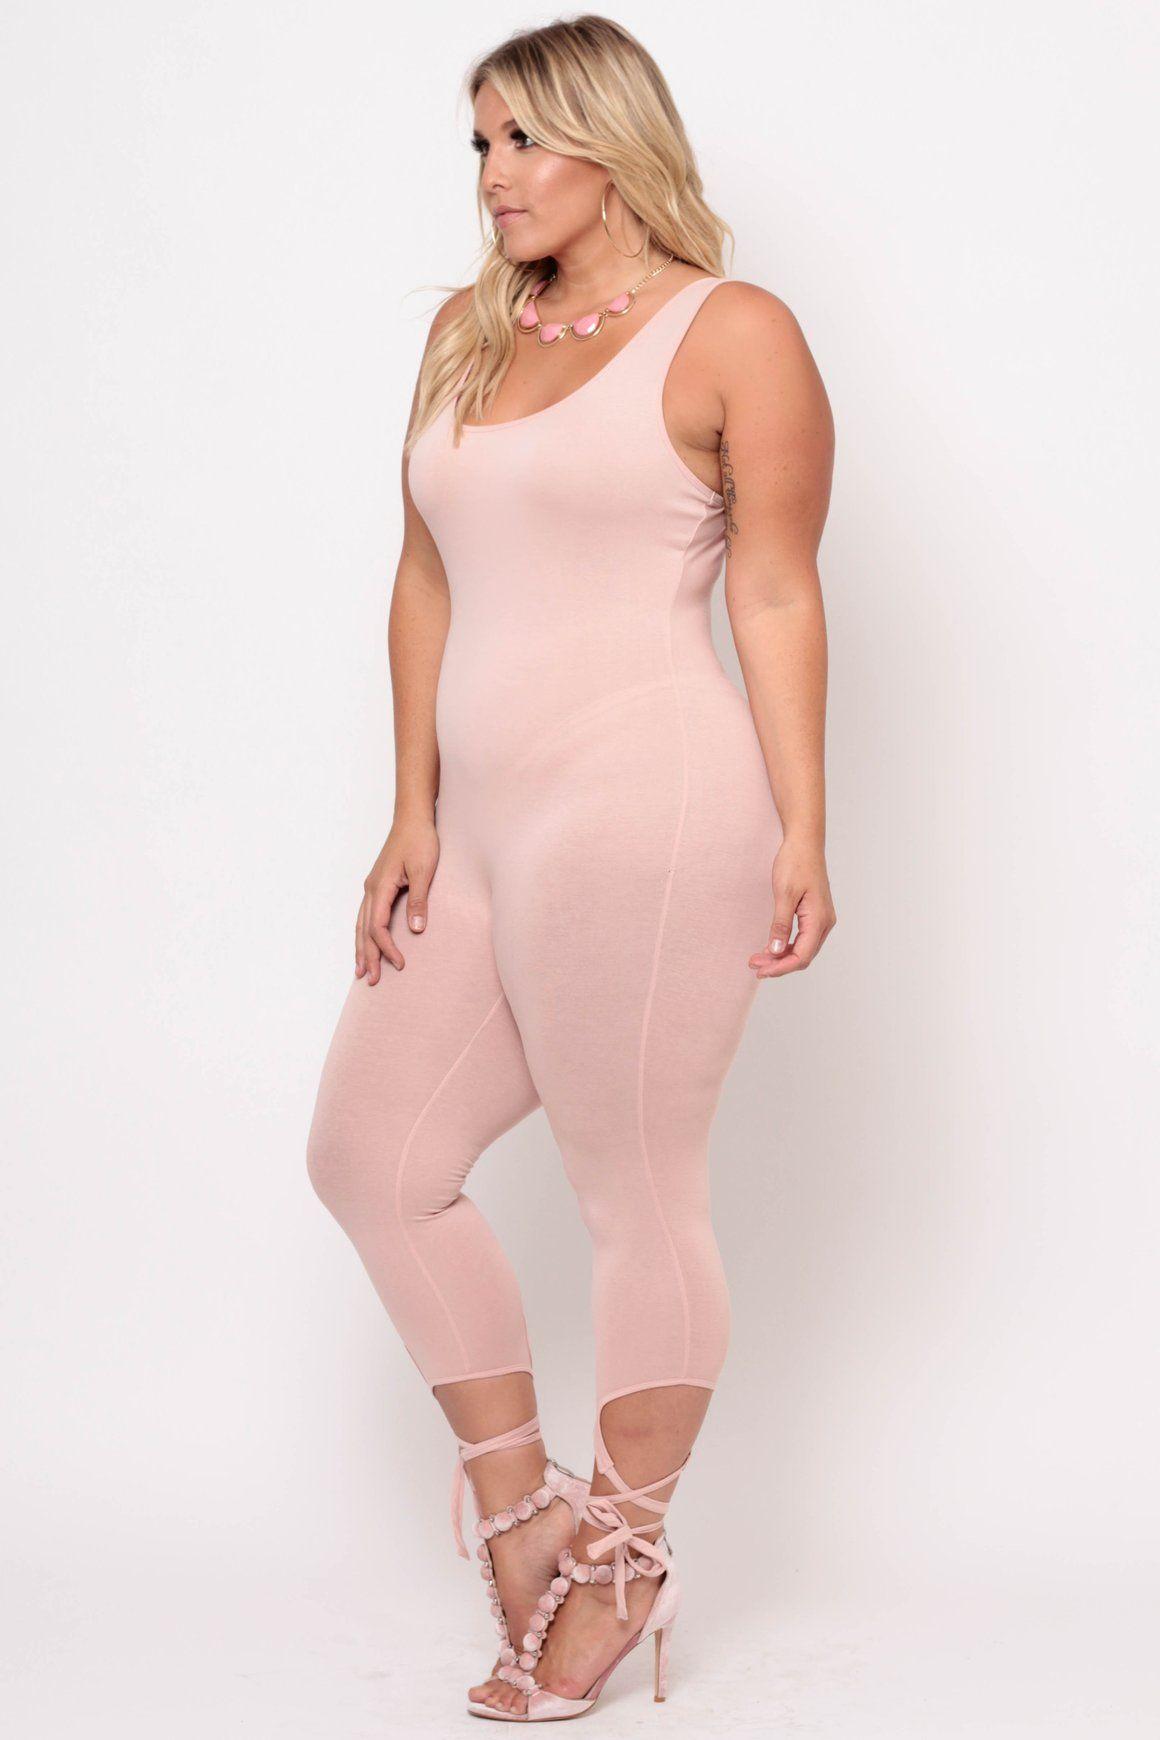 931aa1d9cc9528 #ballet #ballerina #plussize #plus #size #curvysense #curvy #curves # bodysuit #jumpsuit #lace #up #tie #wrap #crisscross #pink #sexy #fun #shop  #retail